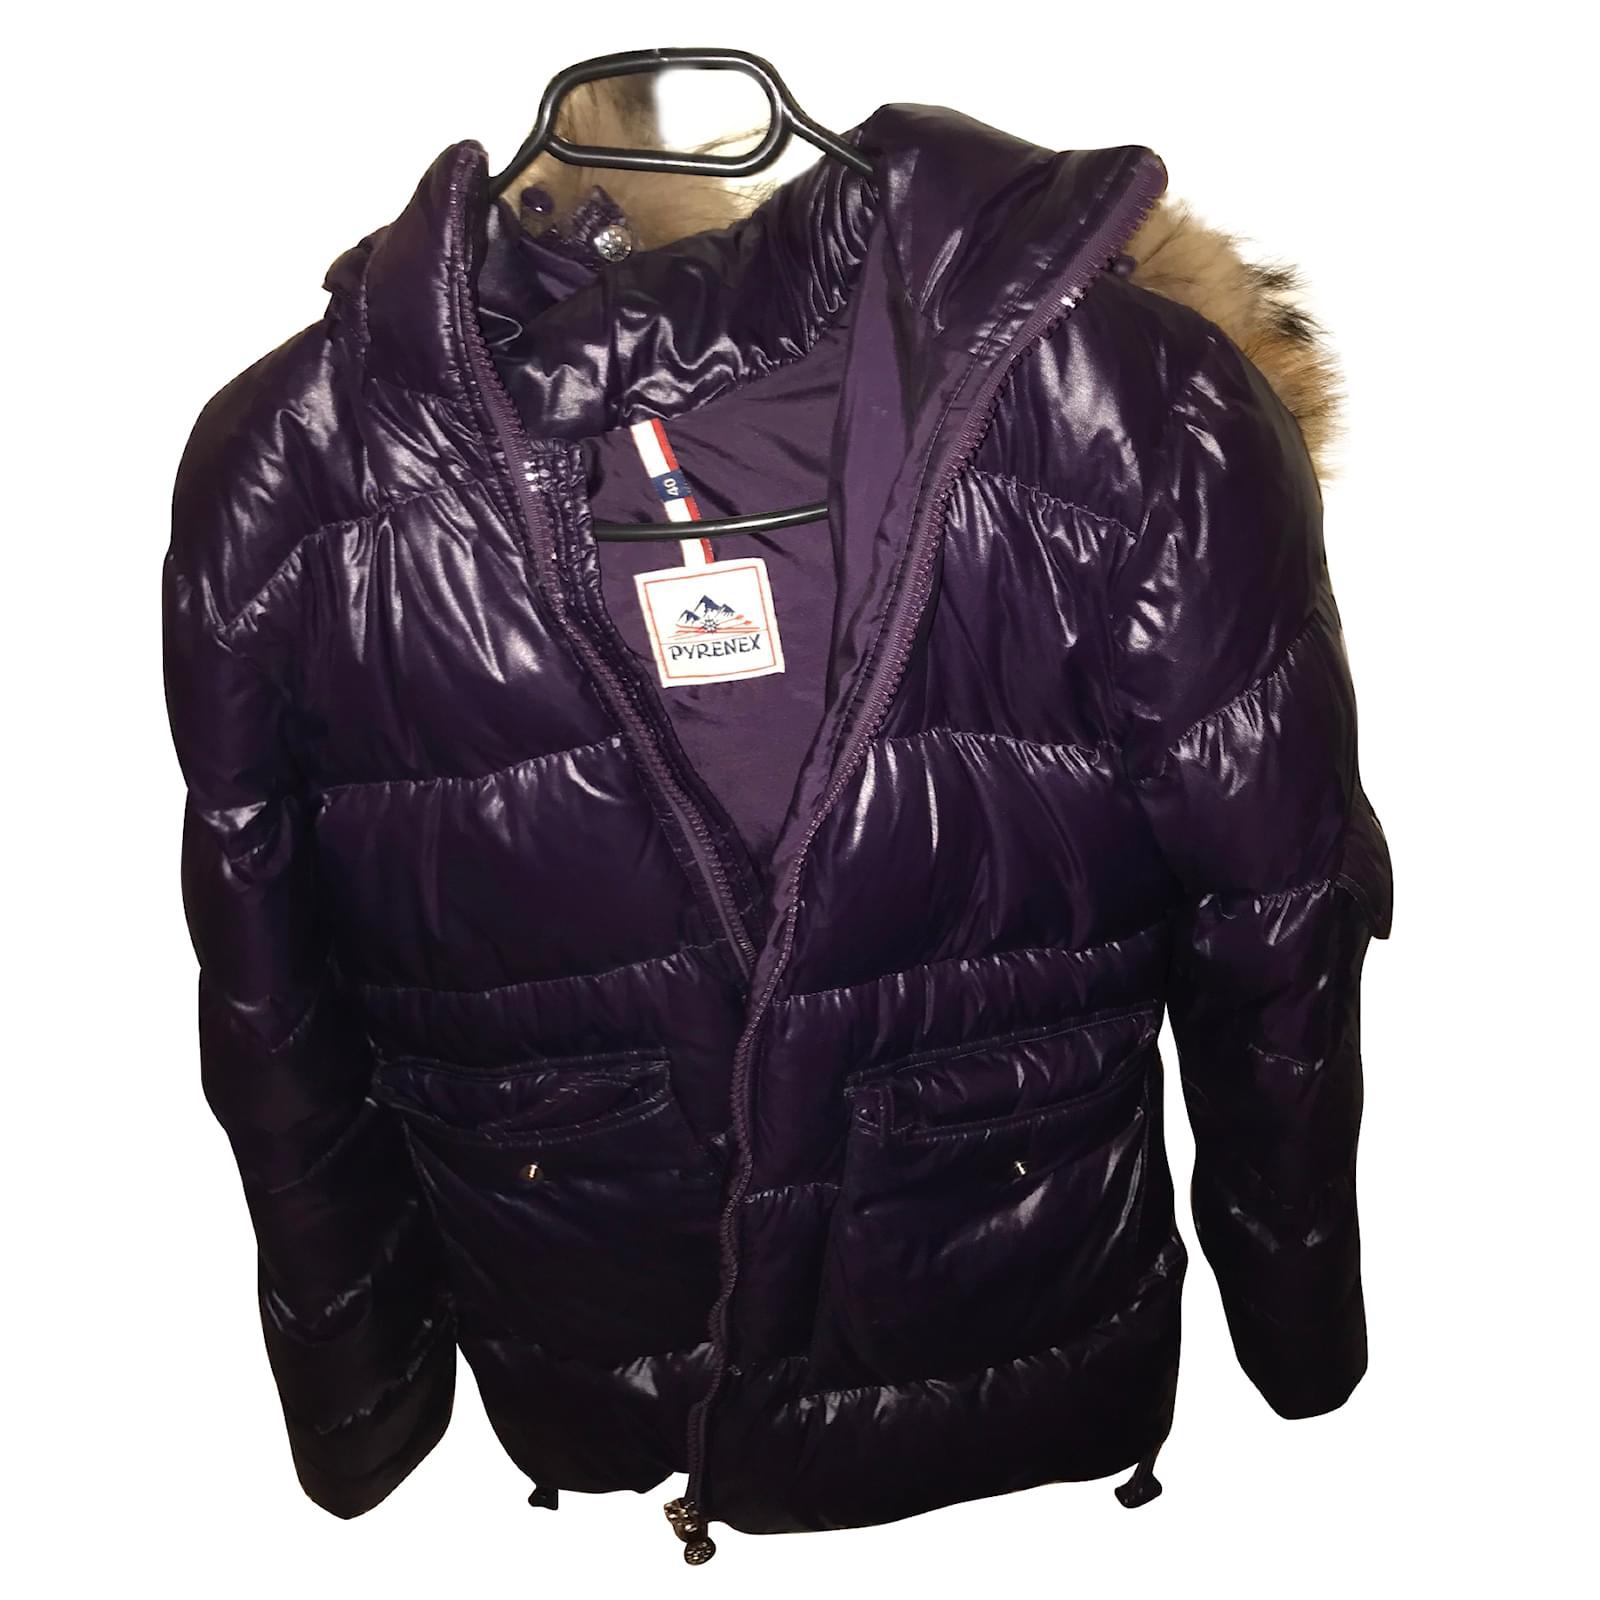 62620 Manteaux Pyrenex Closet Violet Ref Joli Autre rZrwU